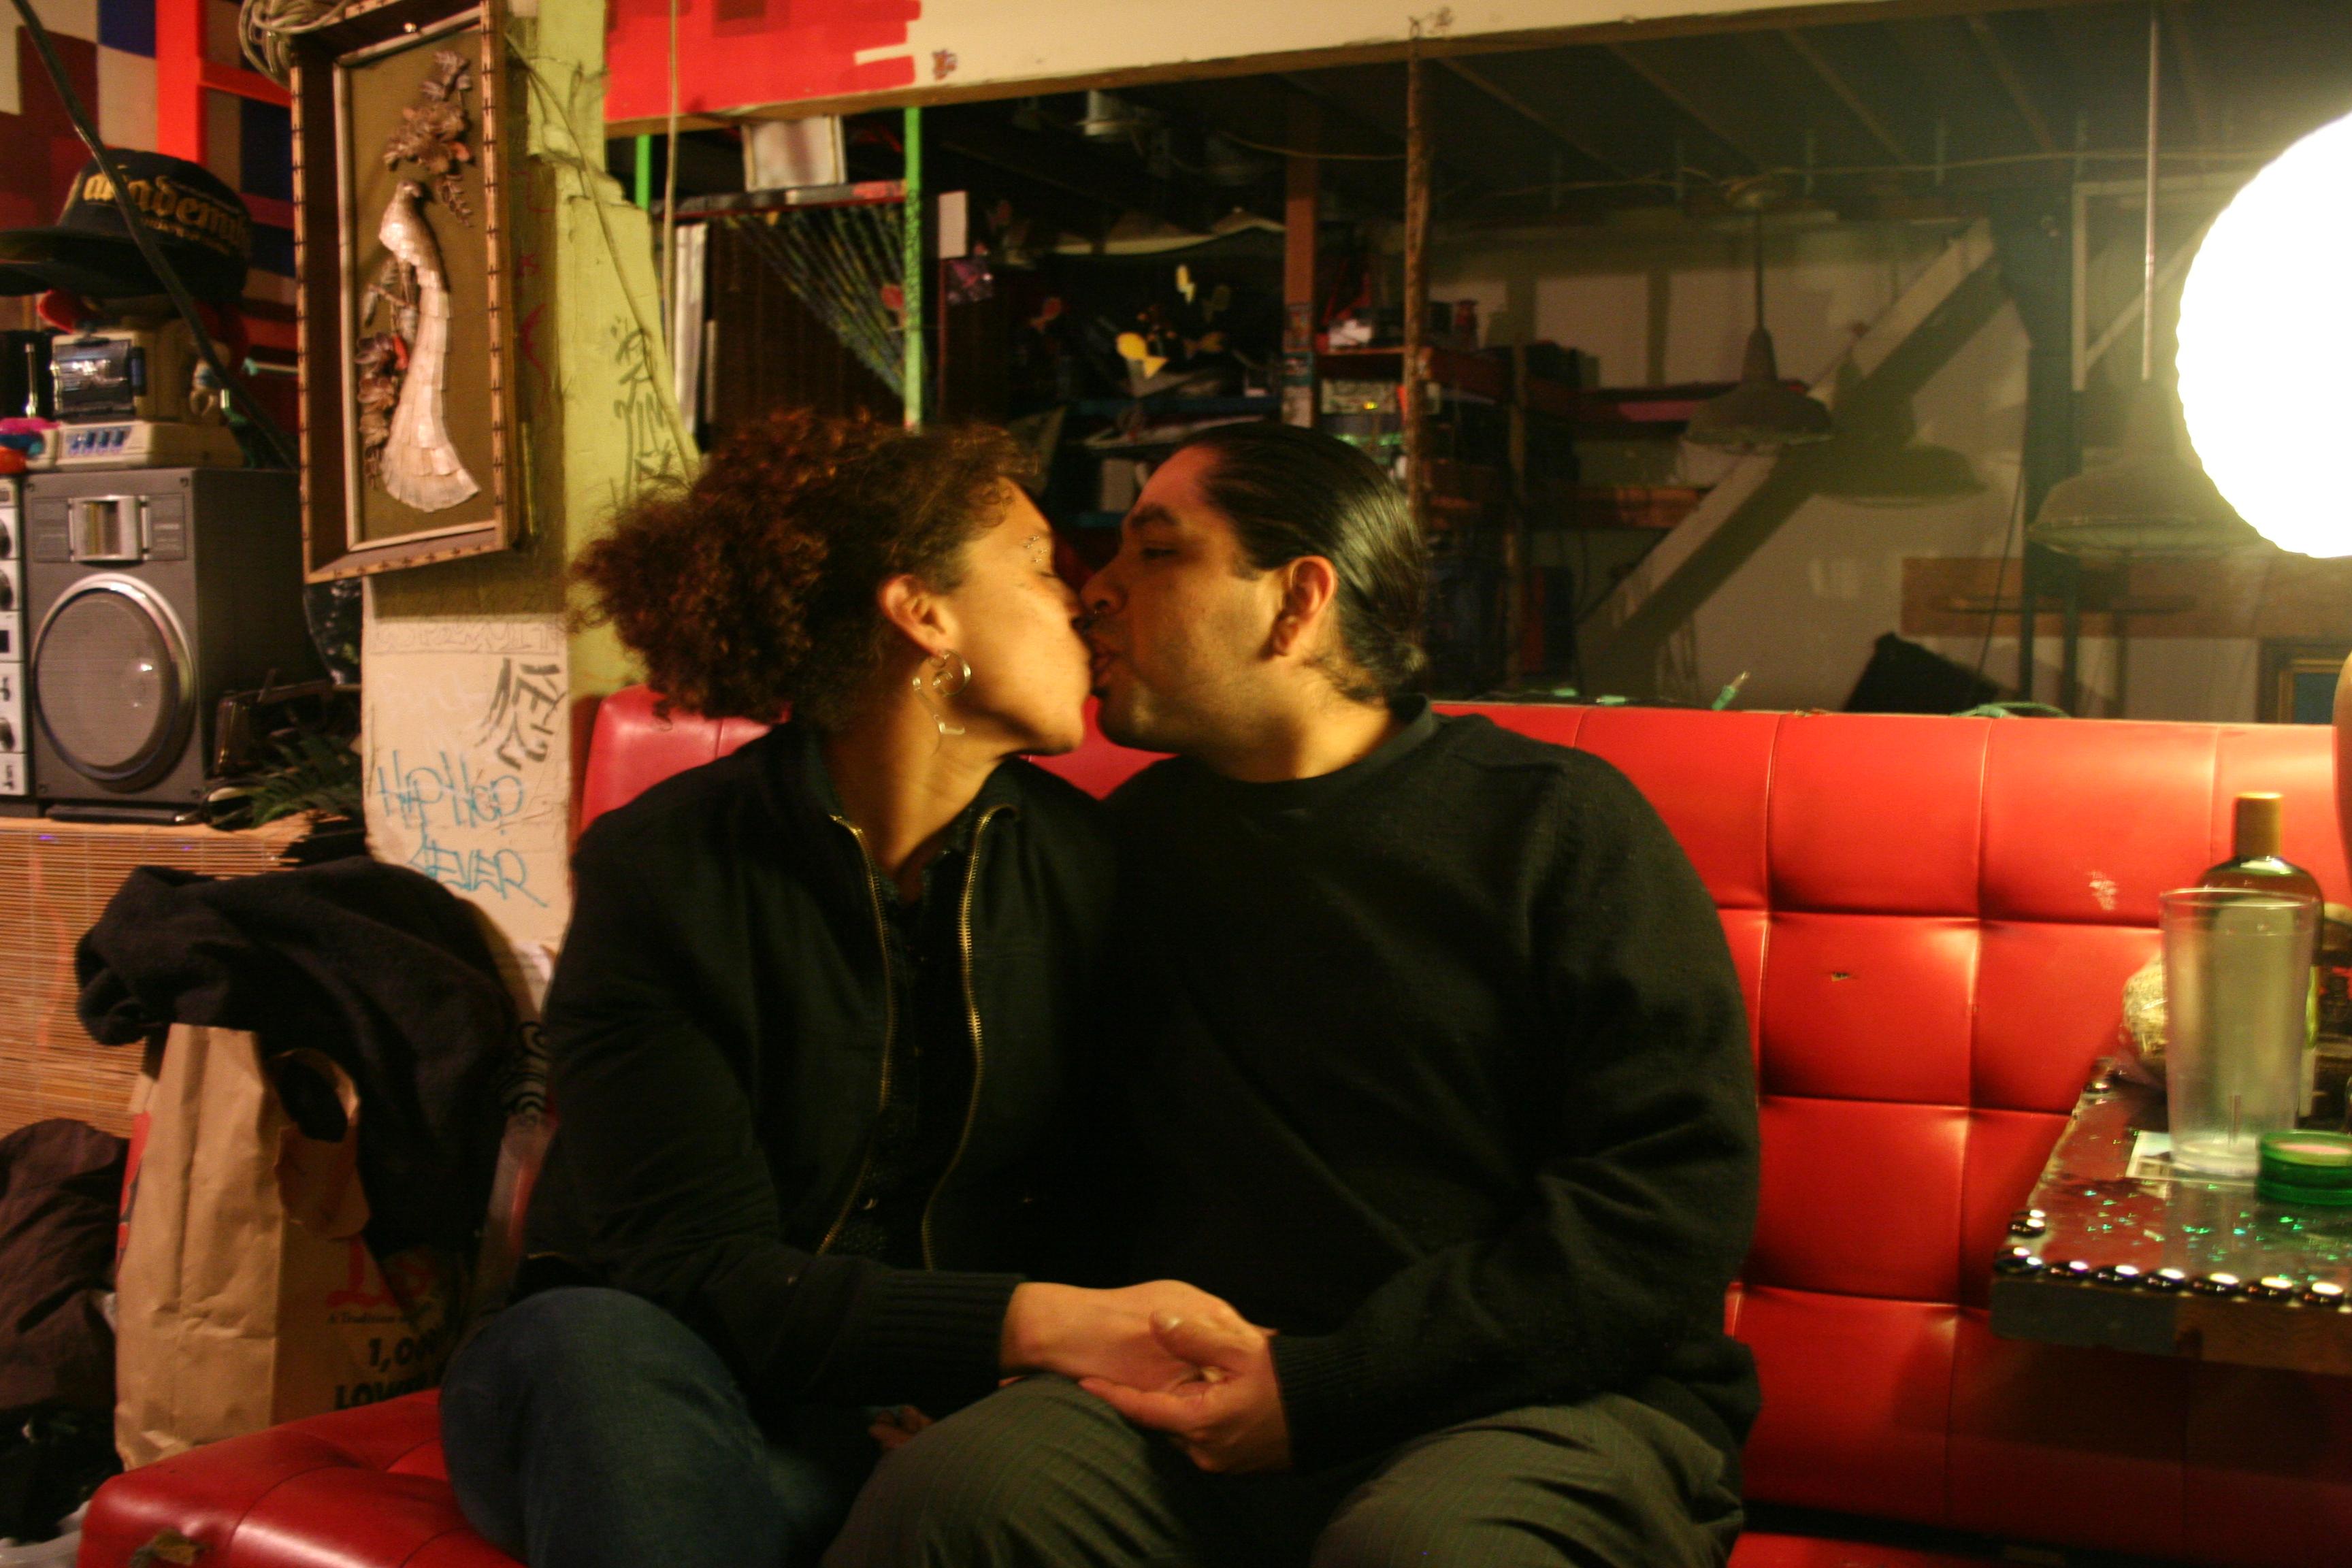 SLIDESHOW: Together Forever